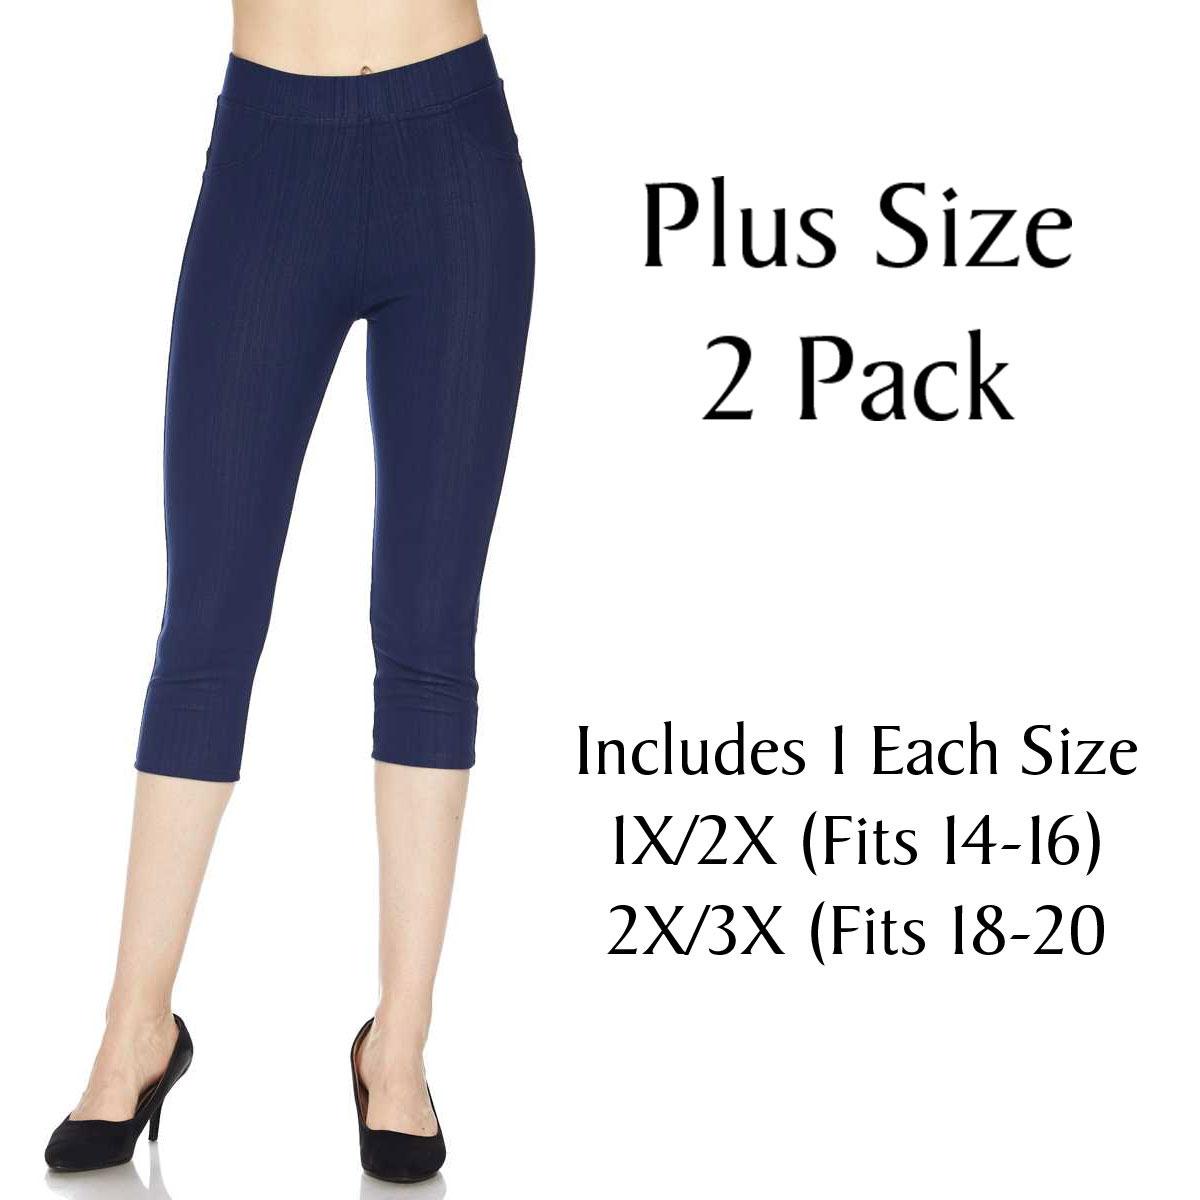 Denim Leggings - Capri Length w/ Back Pockets J04 Rust Plus 2 Pack Denim Leggings - Capri Length J04 - 1 (Fits 14-16) 1 (Fits 18-20)